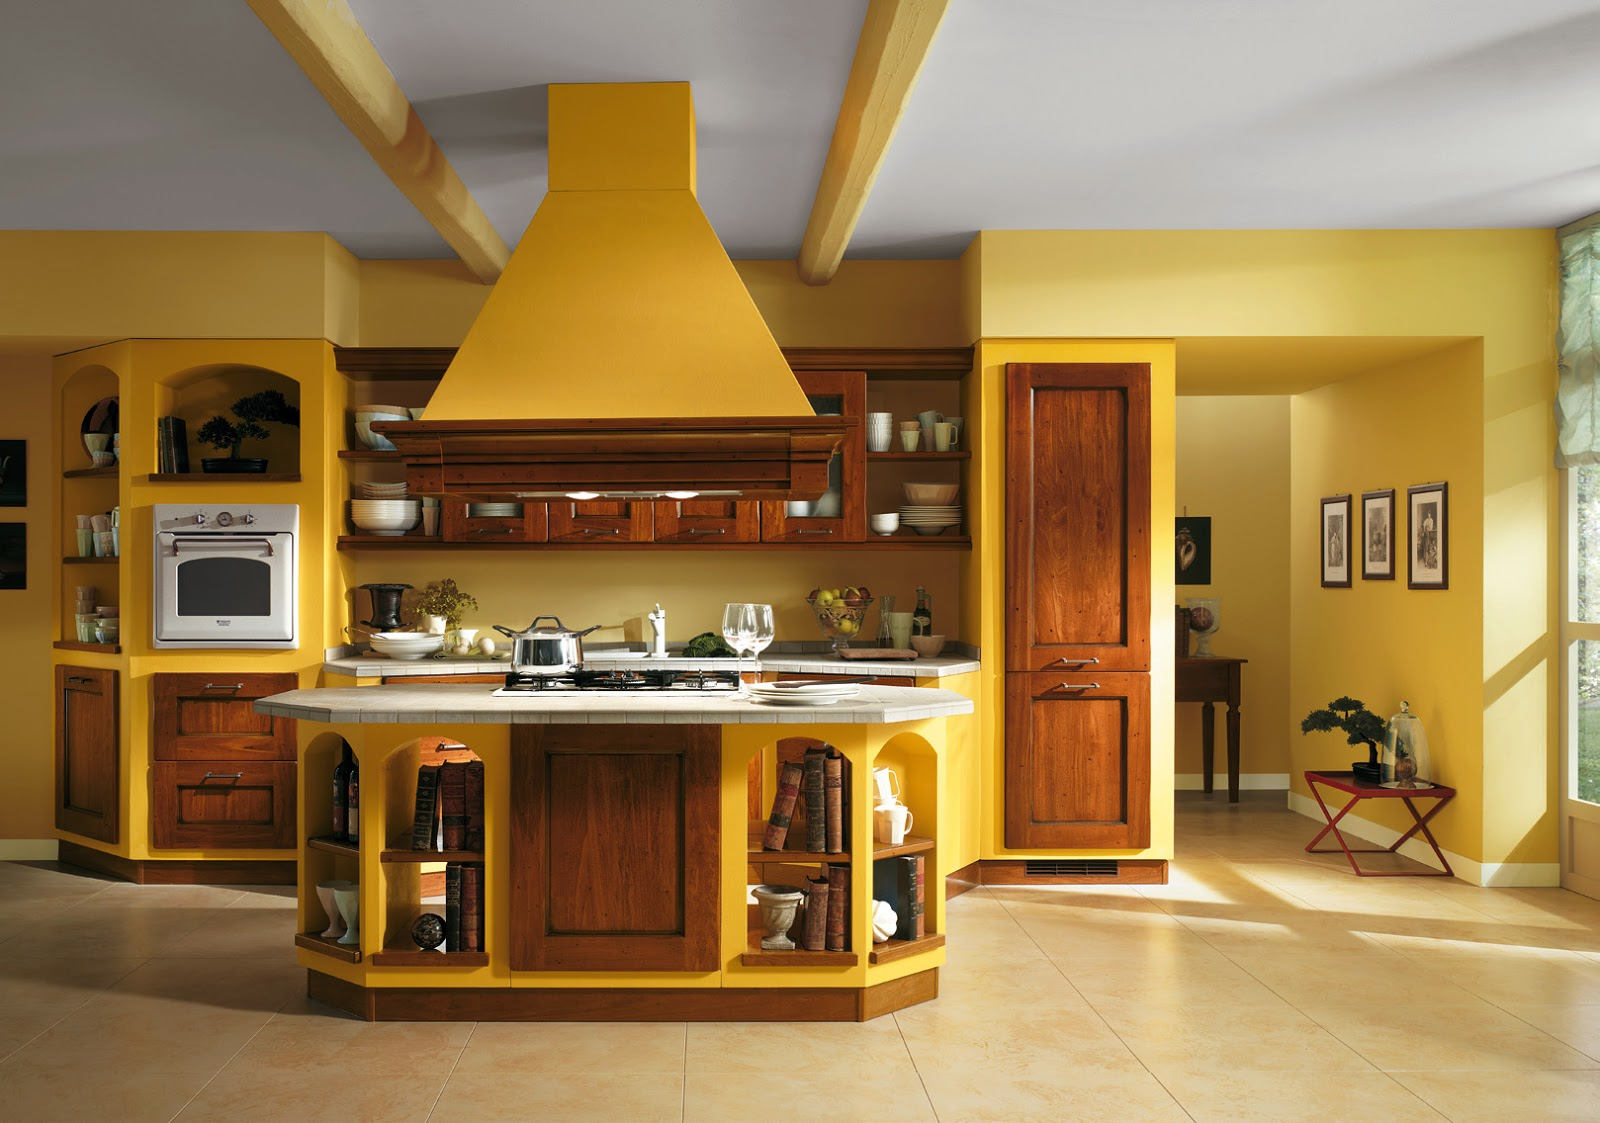 Immagini cucine moderne in muratura